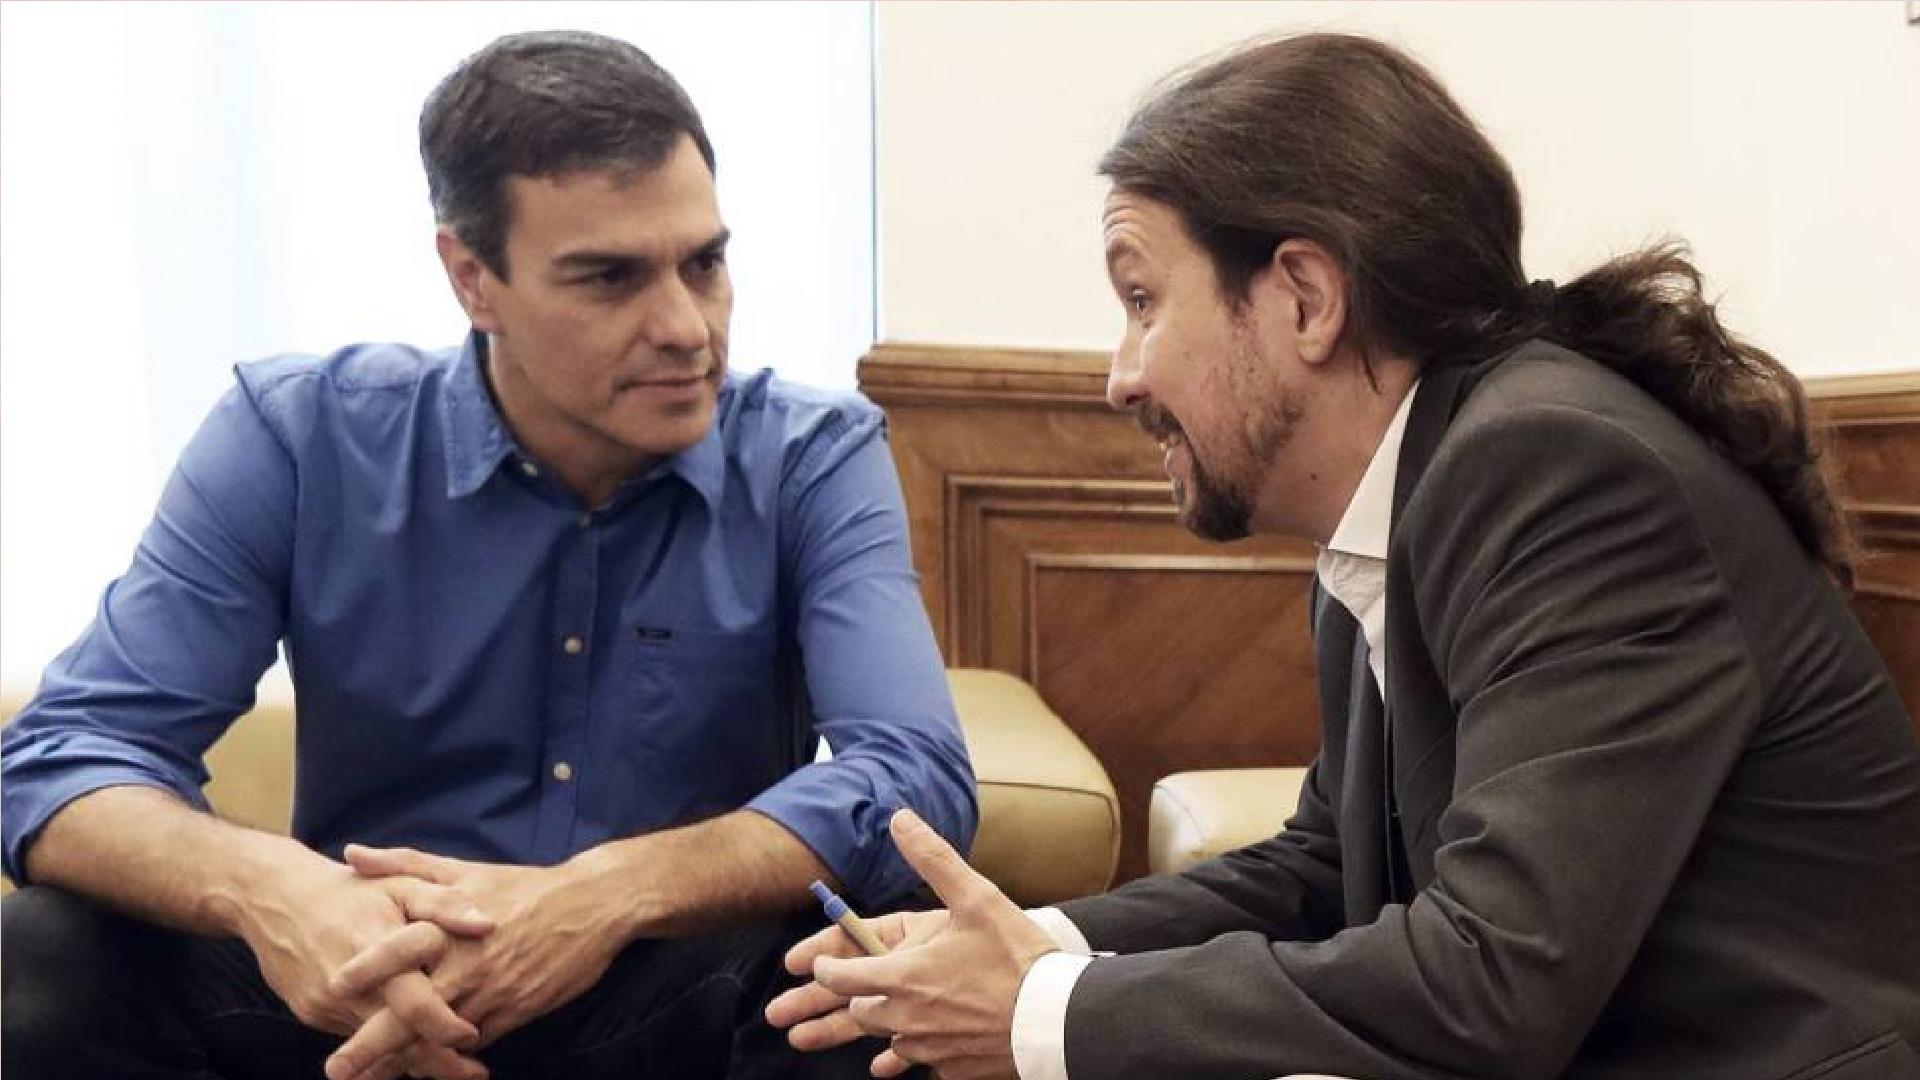 Encuesta: El PSOE podría ganar en andalucía, aunque necesitando a Podemos